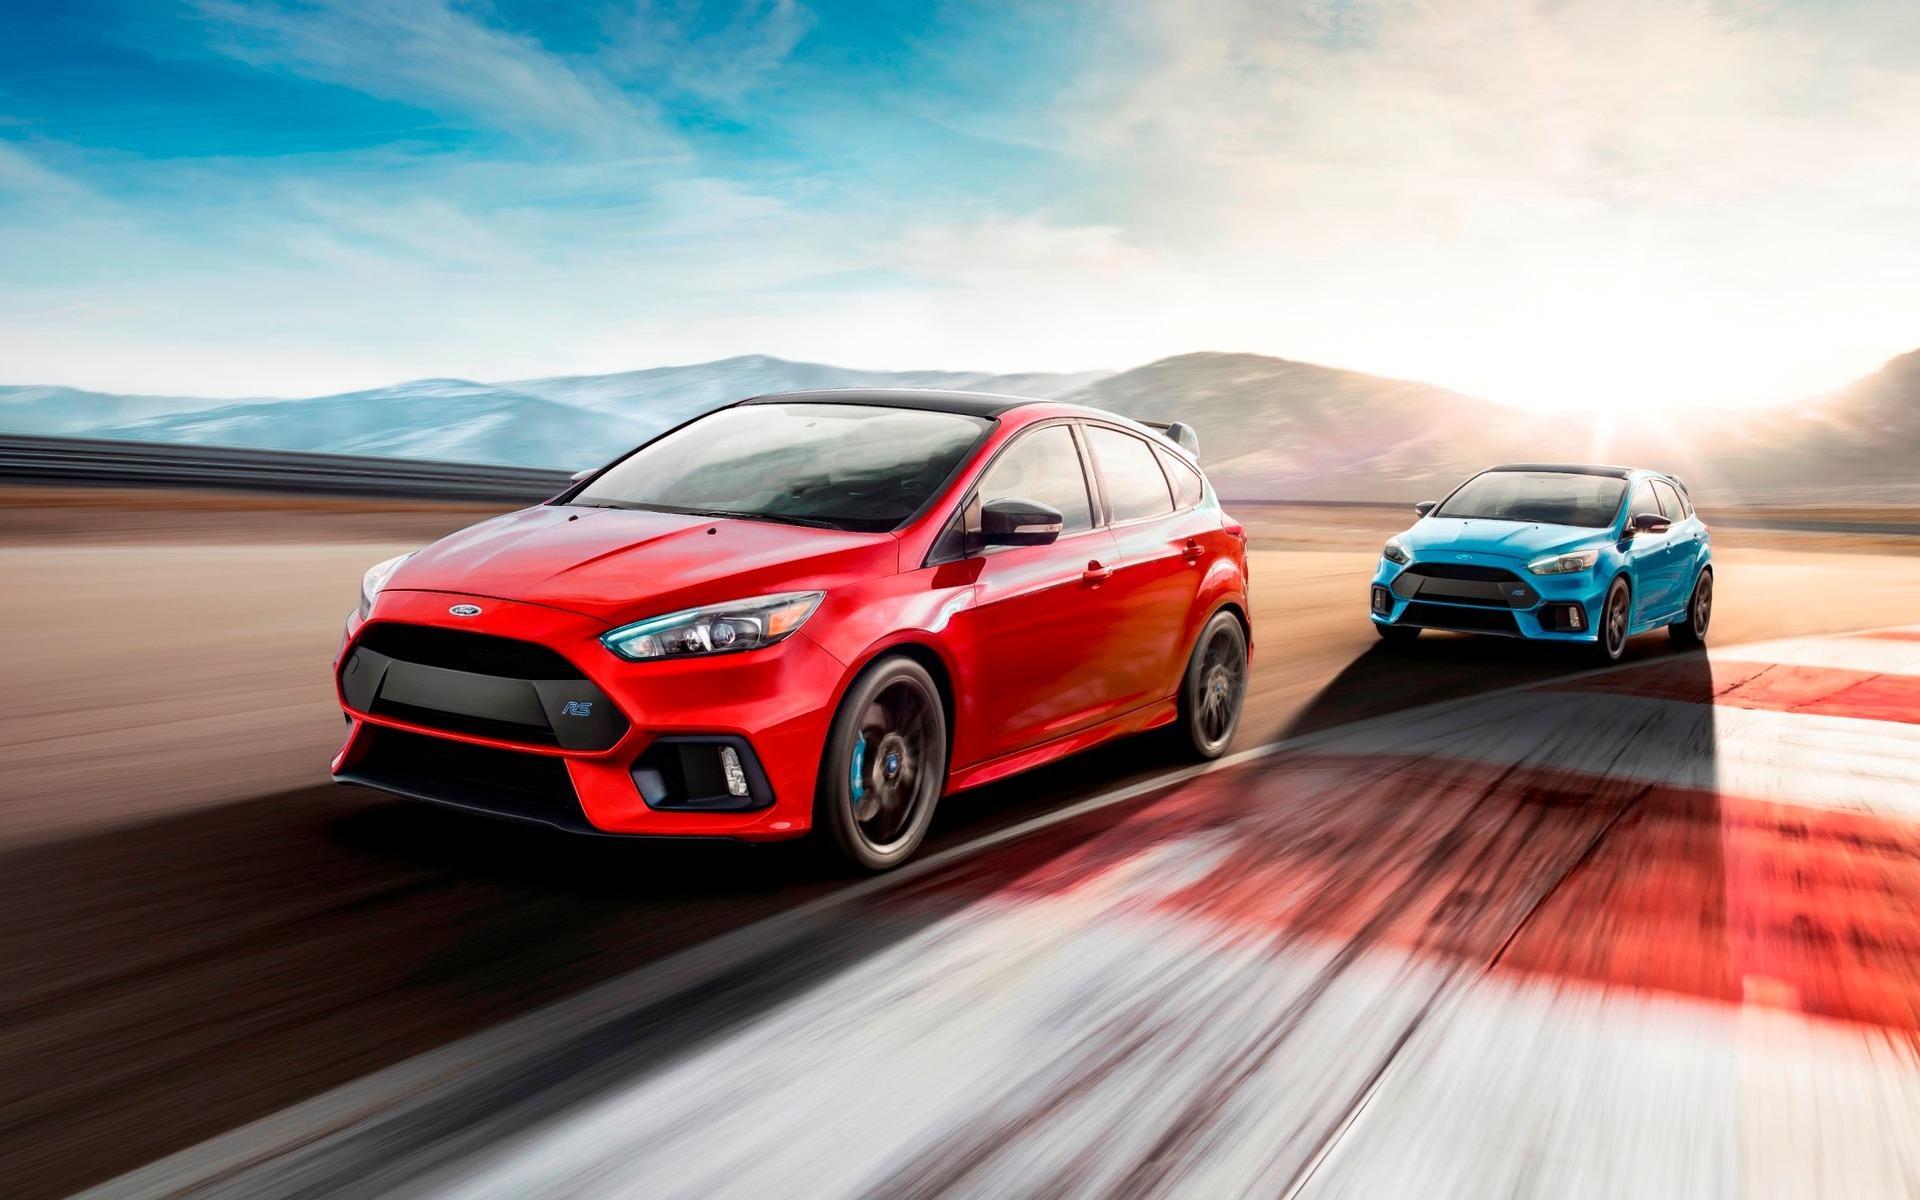 Édition limitée de la Ford Focus RS 2018